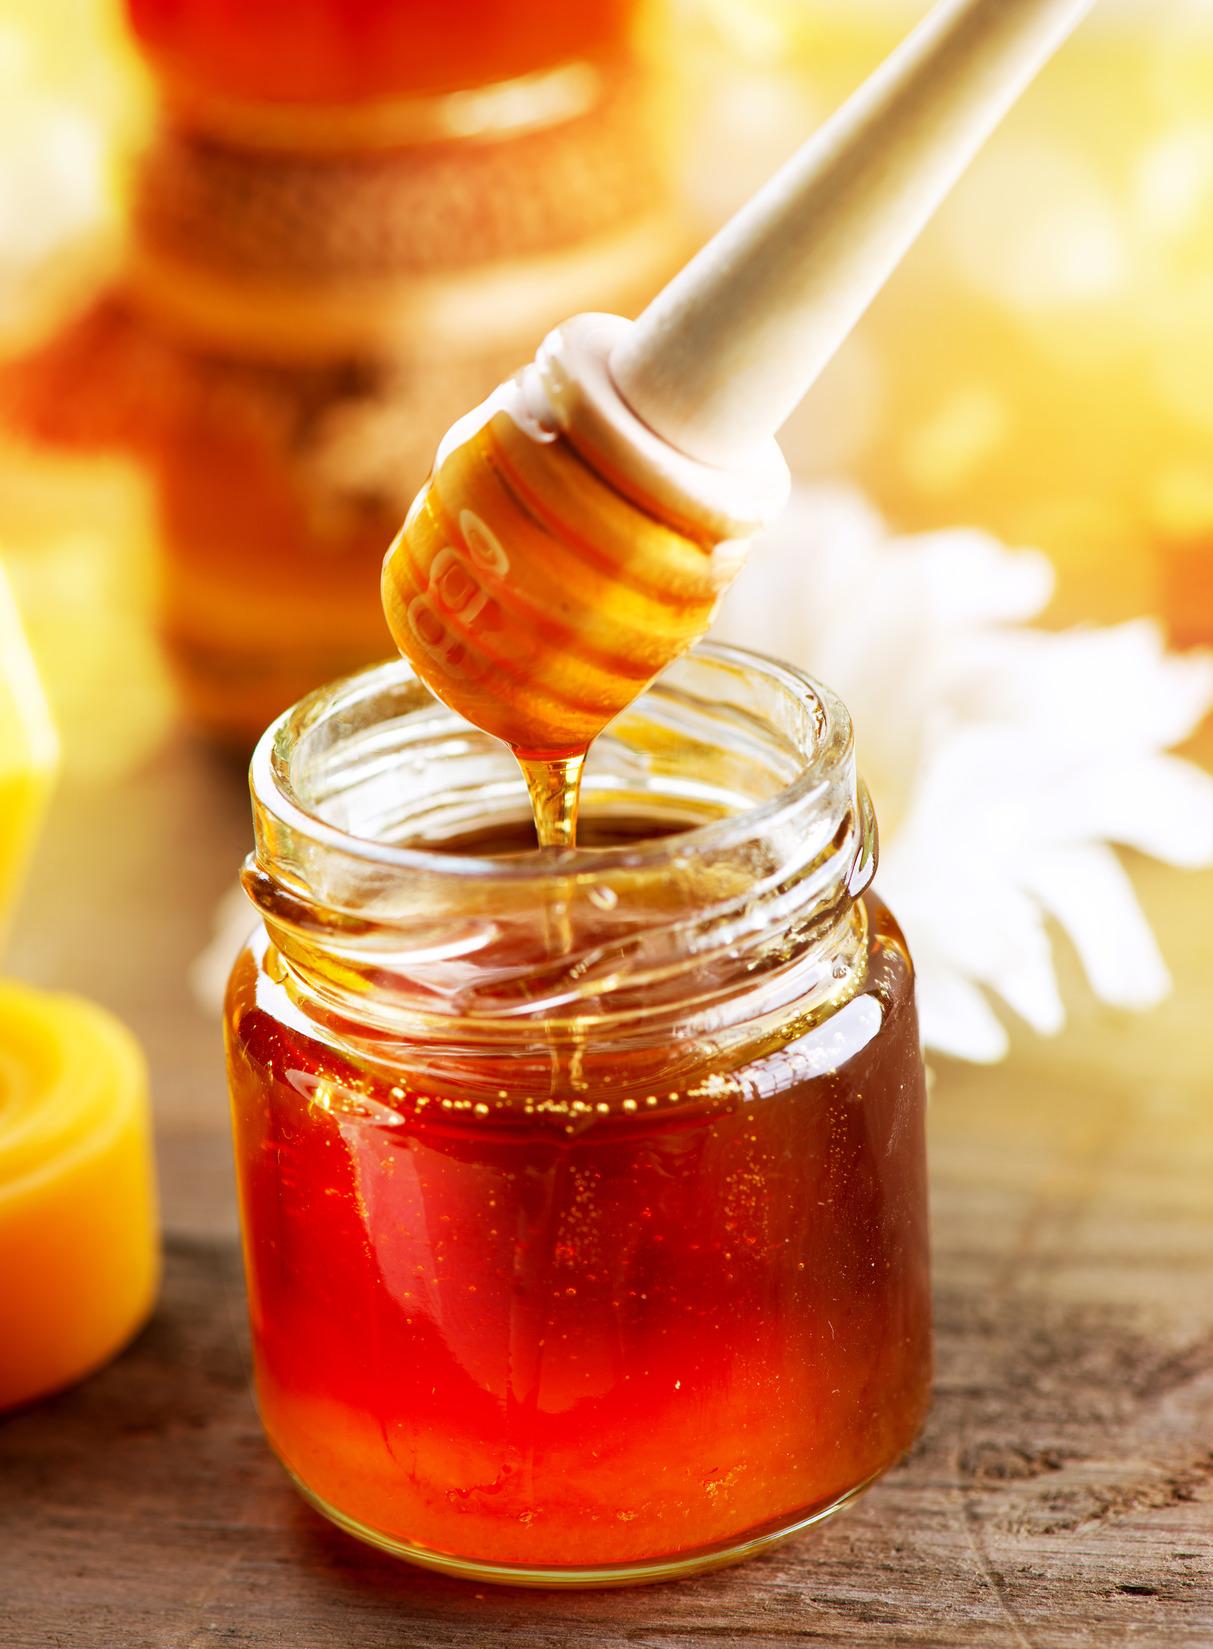 Làm đẹp với mật ong từ các loại mặt nạ